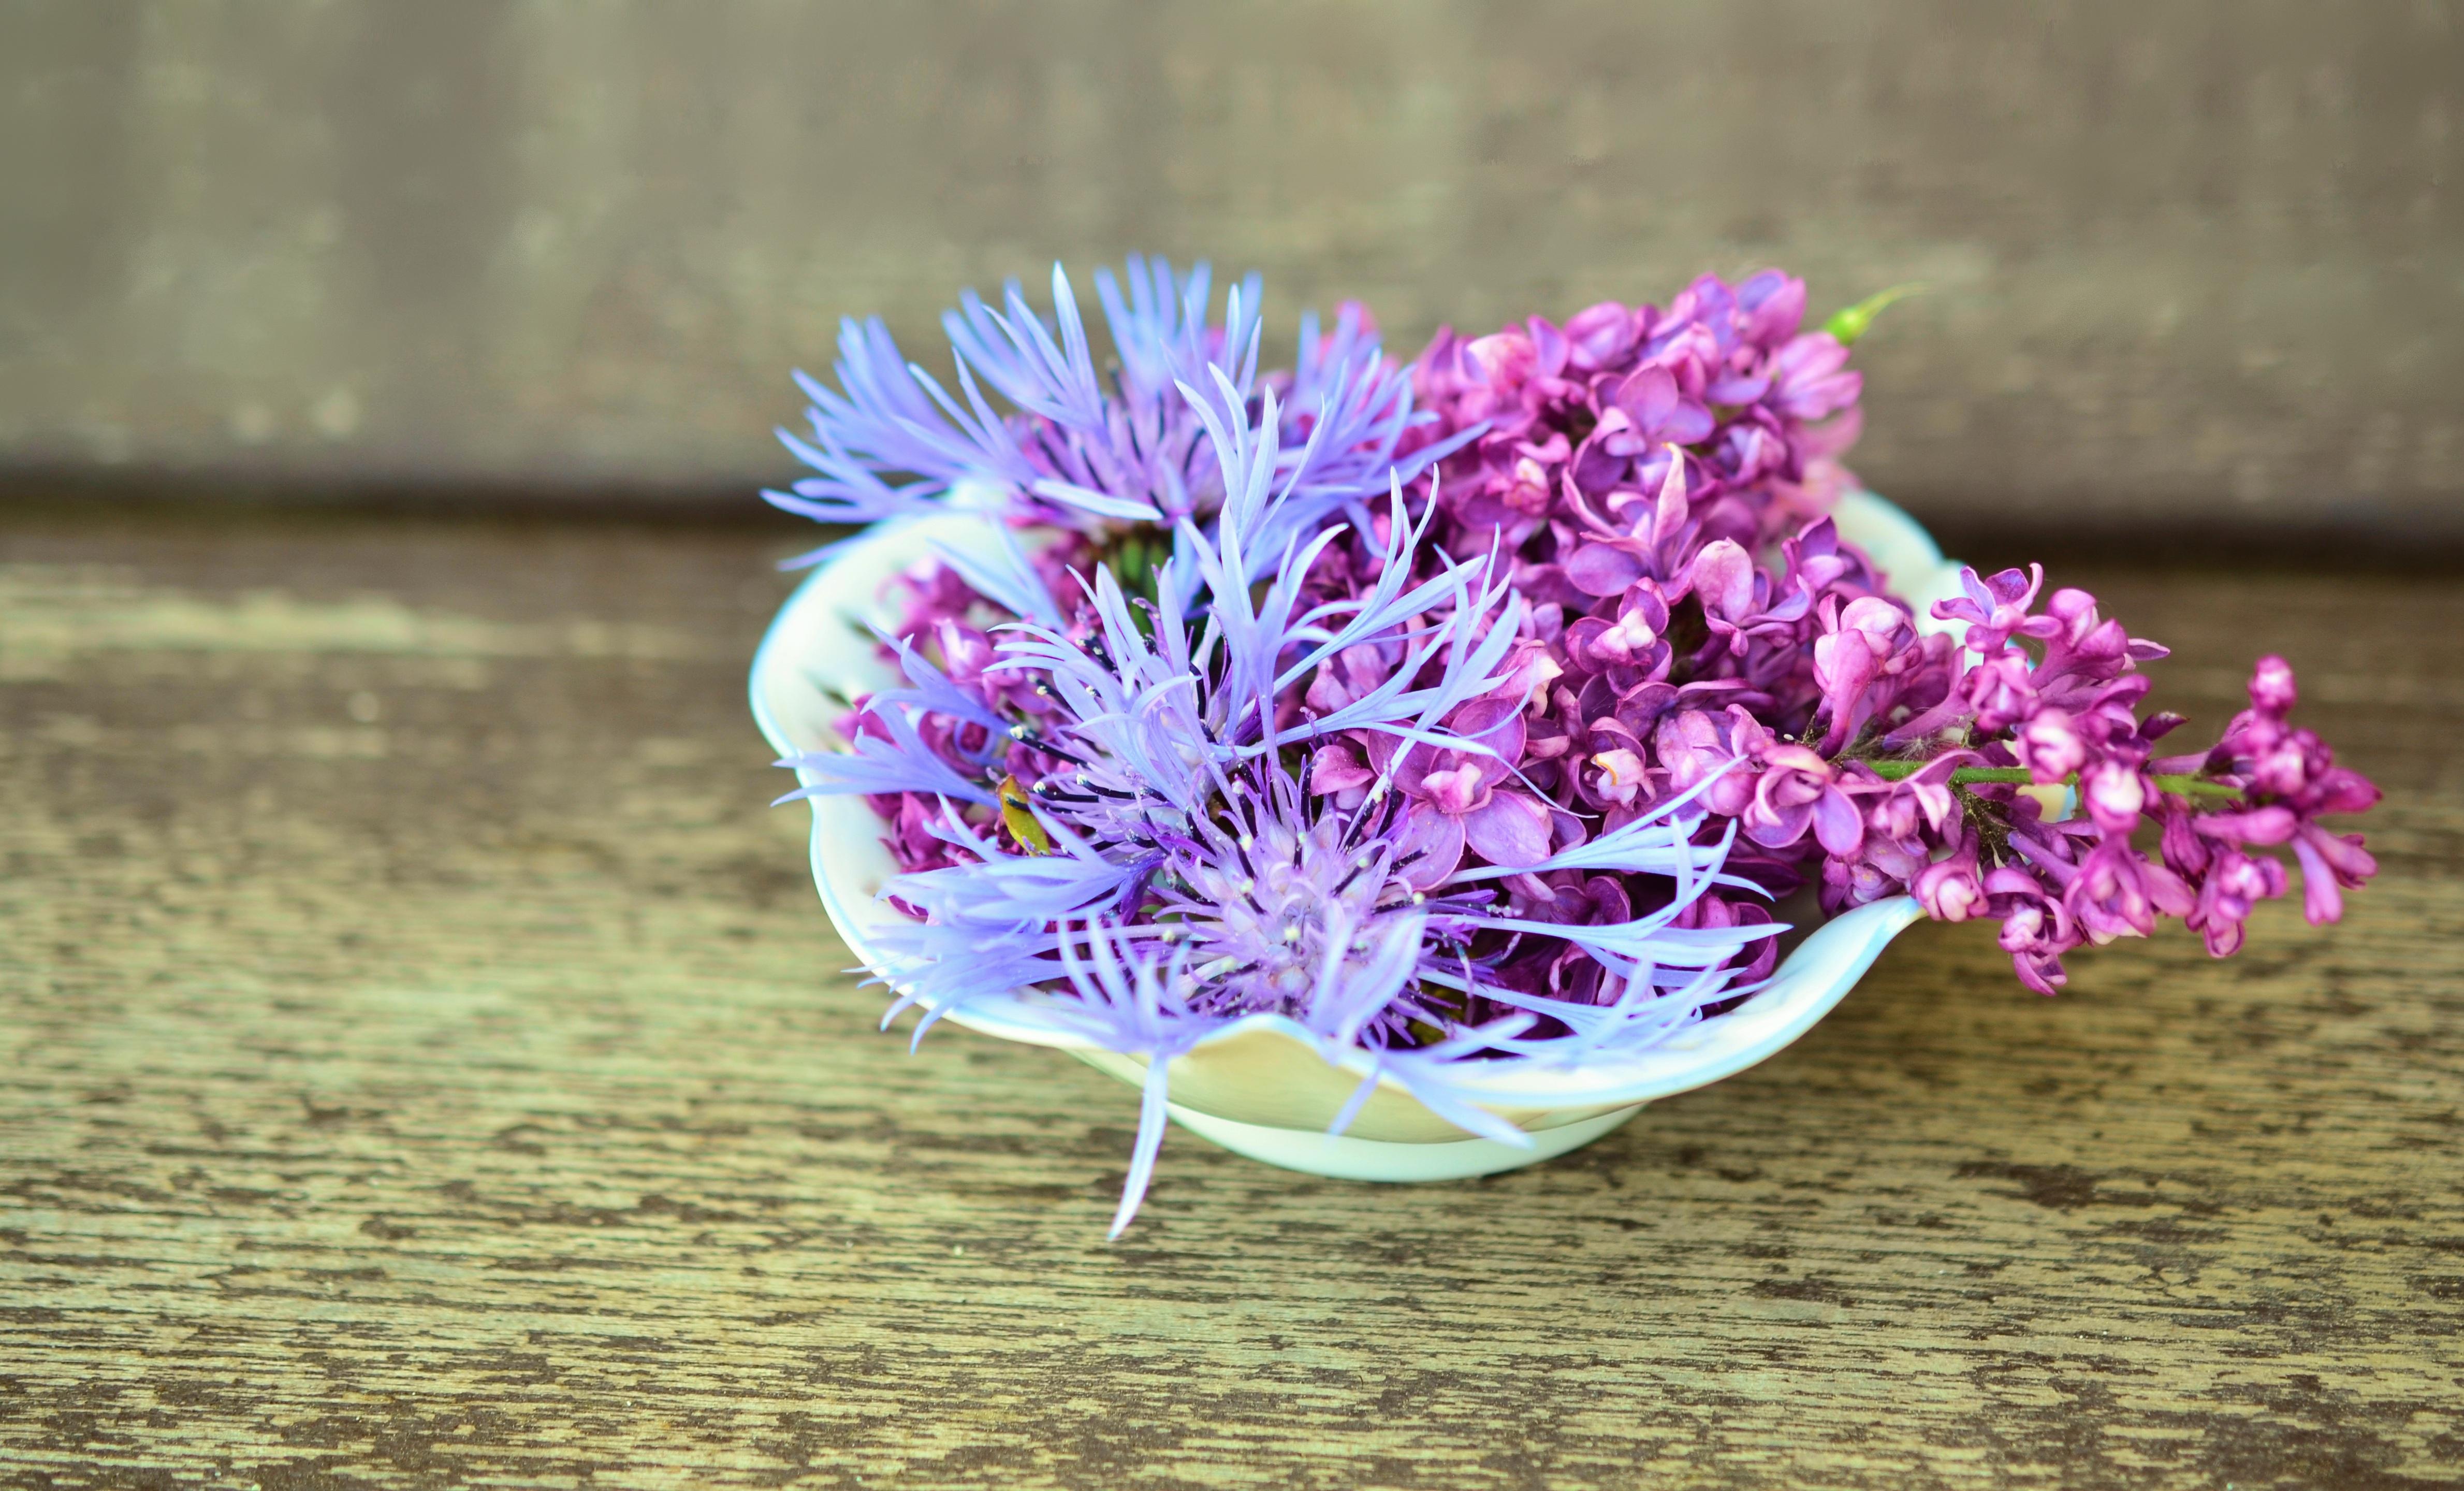 74601 Hintergrundbild herunterladen Blumen, Lilac, Anmeldung, Typografie, Kornblume - Bildschirmschoner und Bilder kostenlos